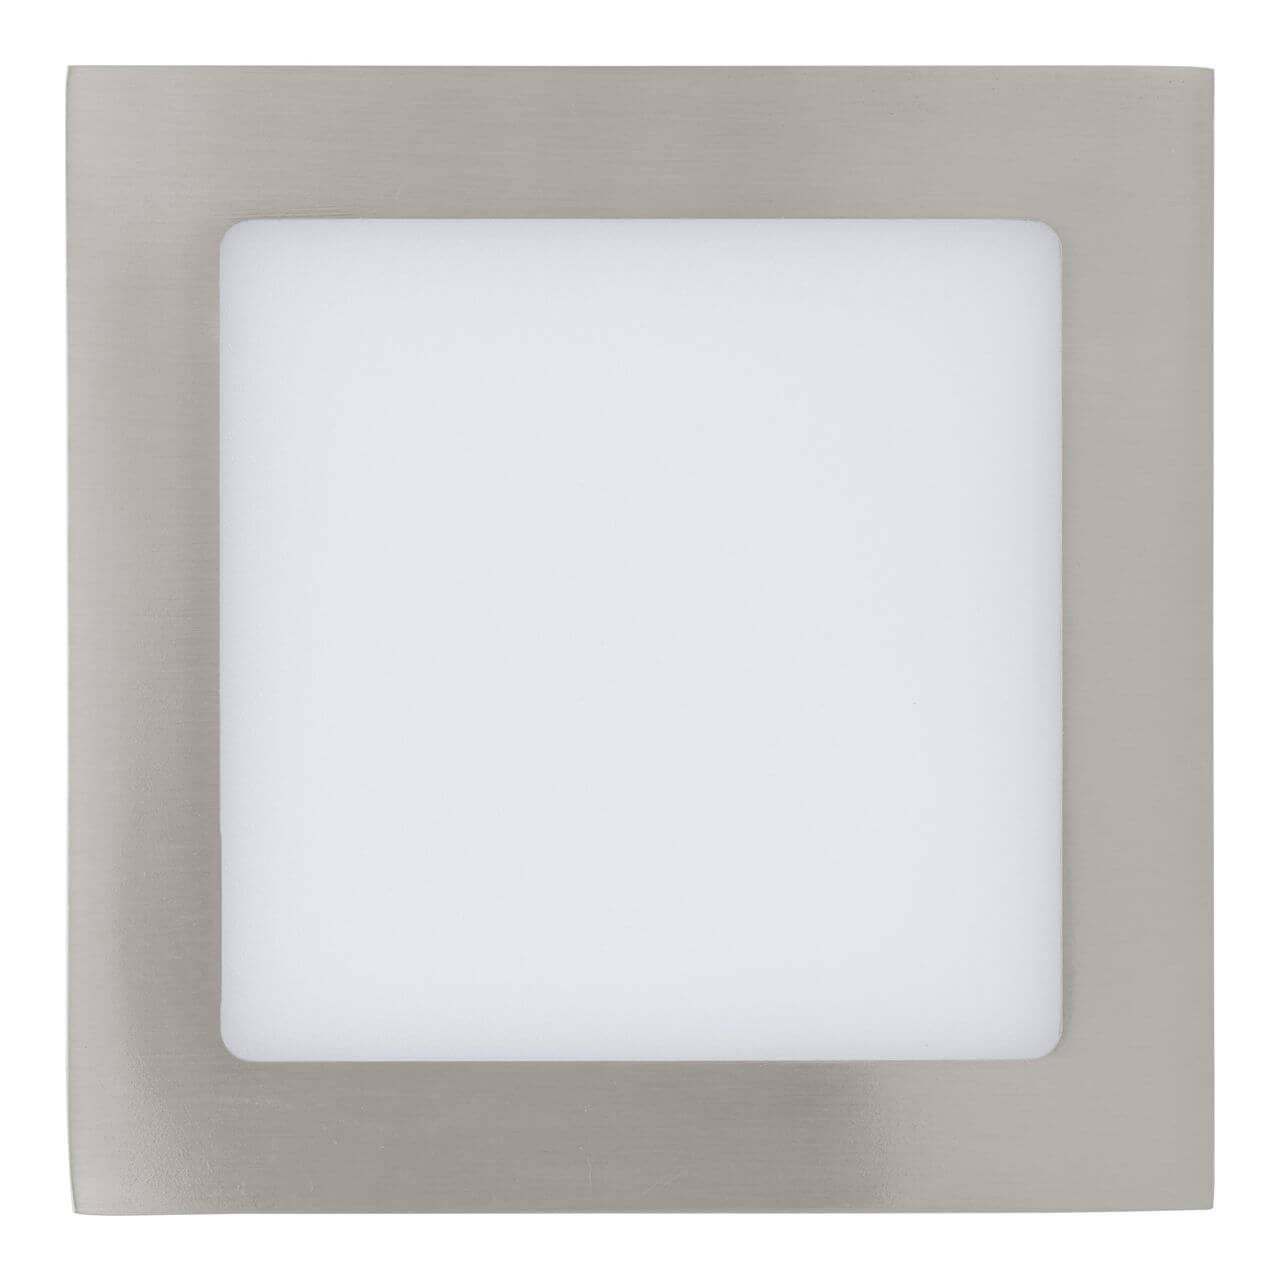 Встраиваемый светильник Eglo Fueva 1 31673 цены онлайн